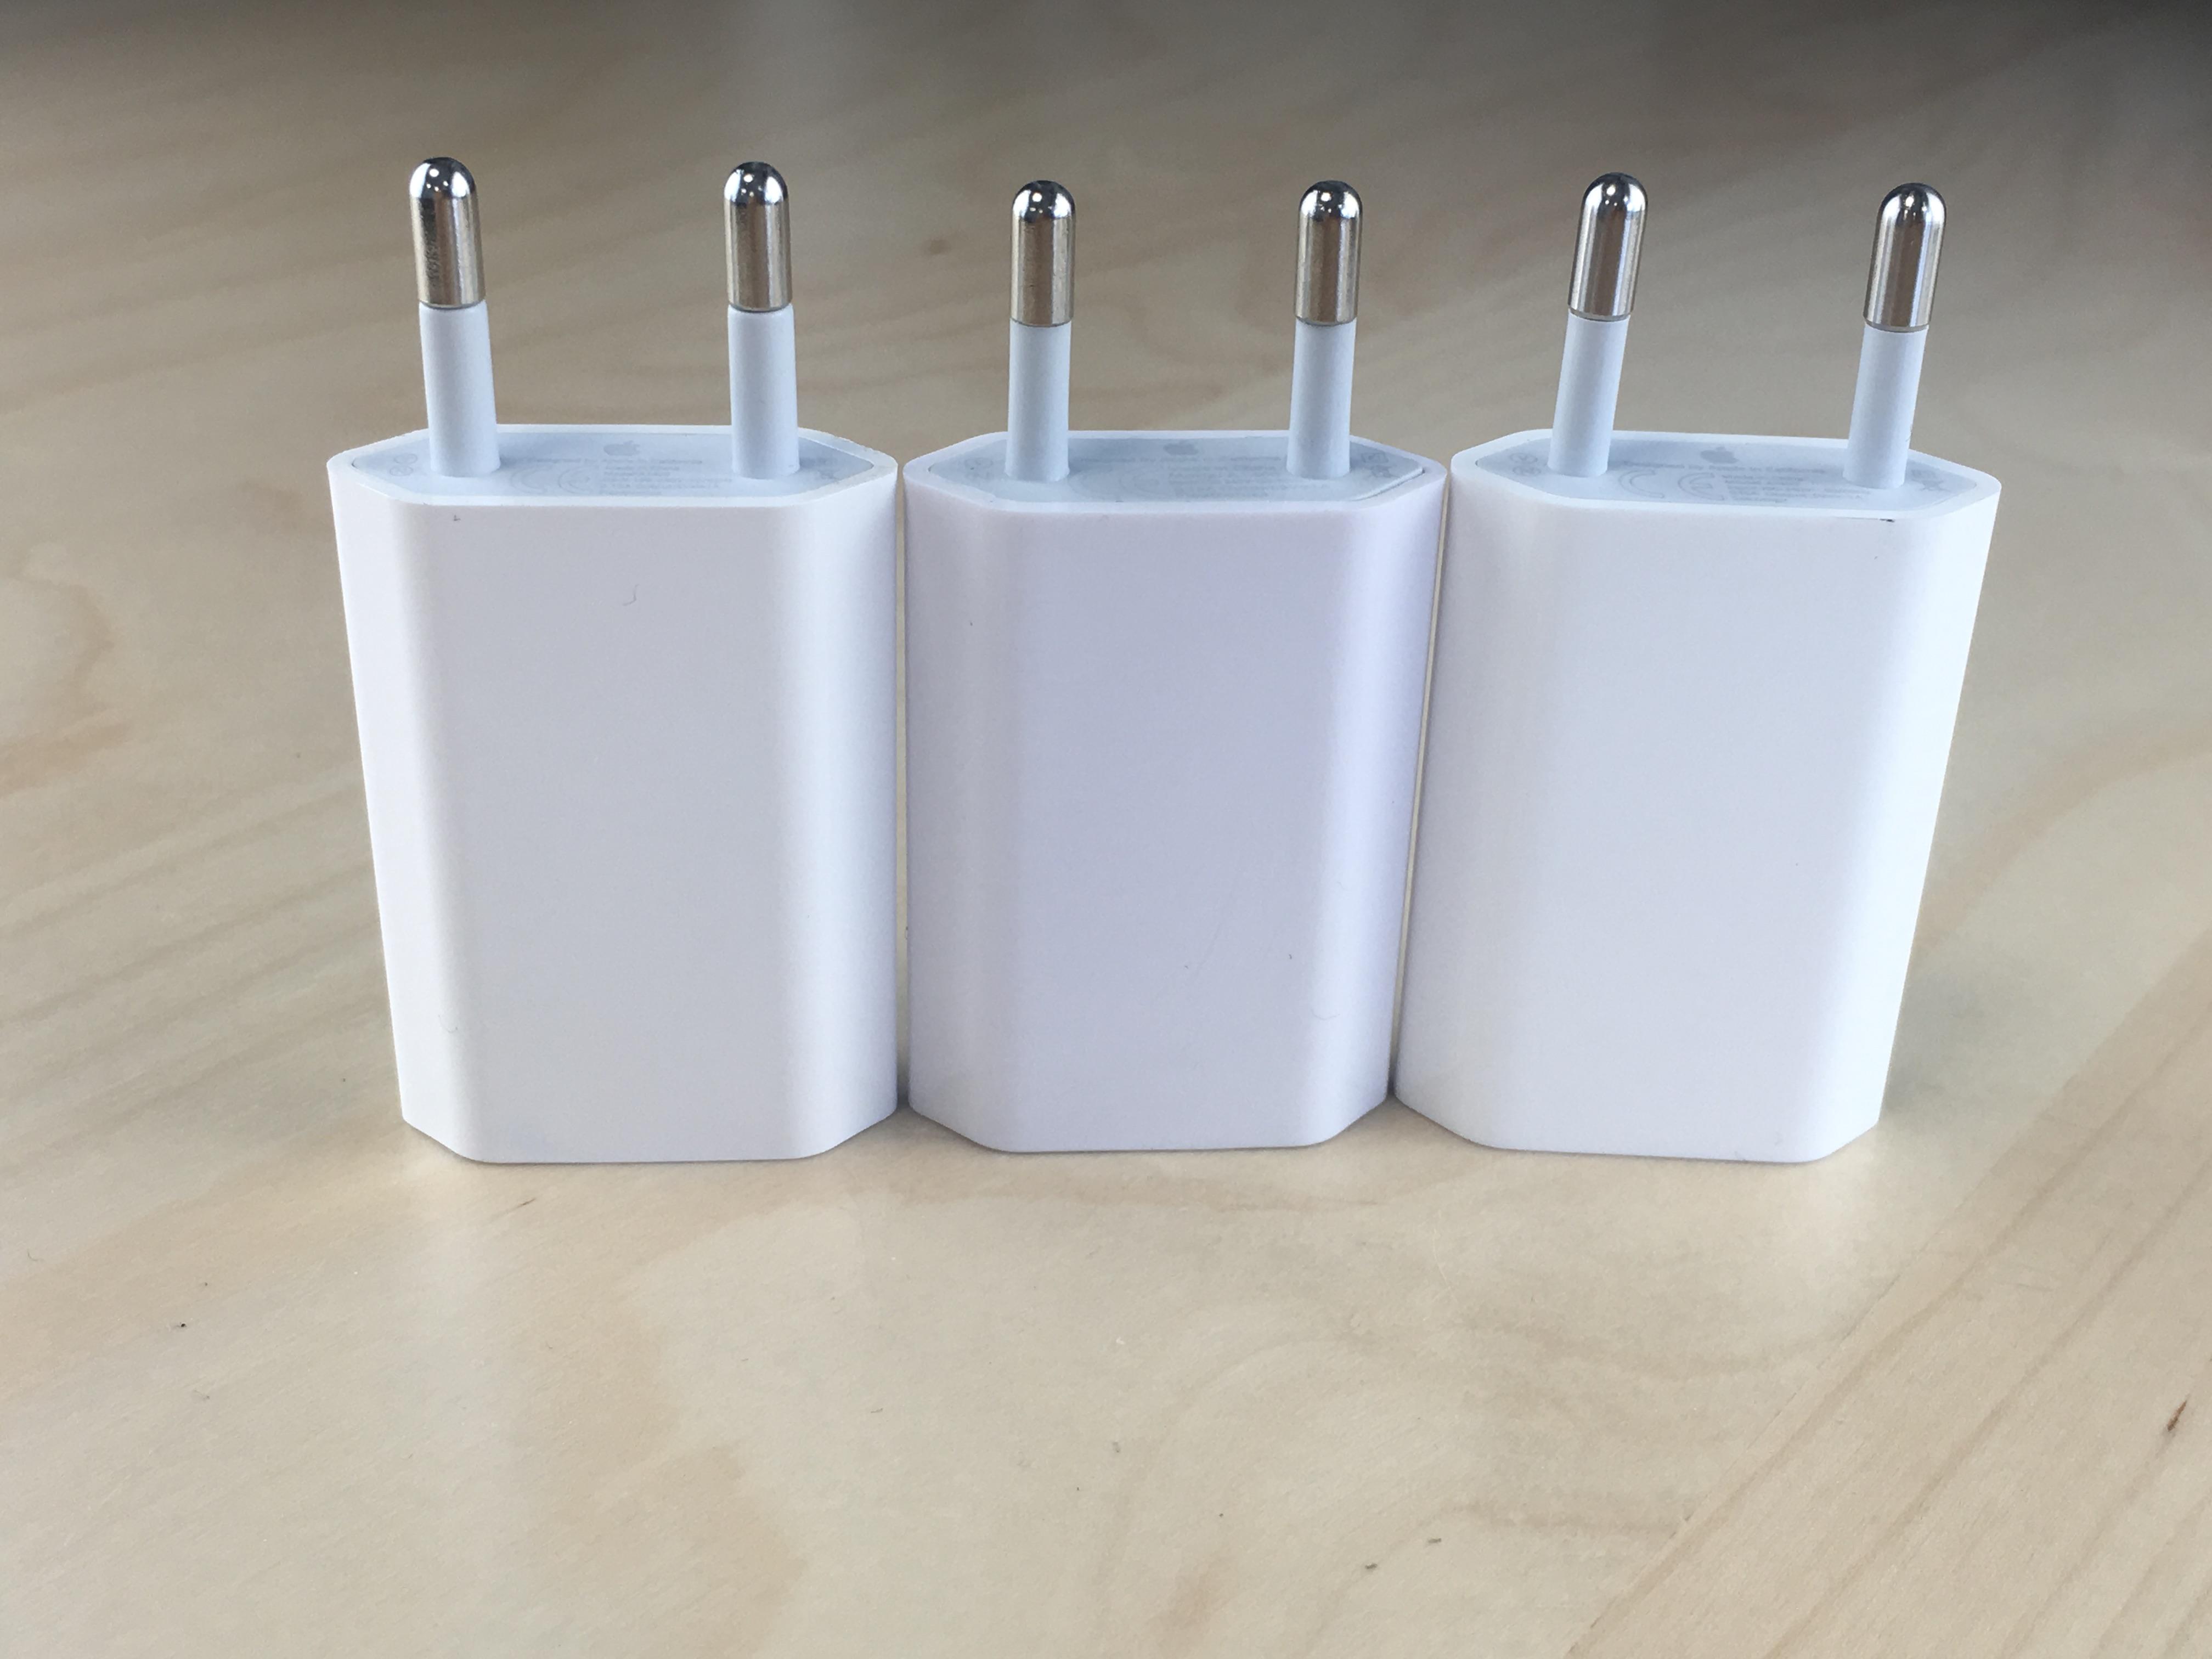 reconnaître un faux chargeur iPhone avec des différences visuelles